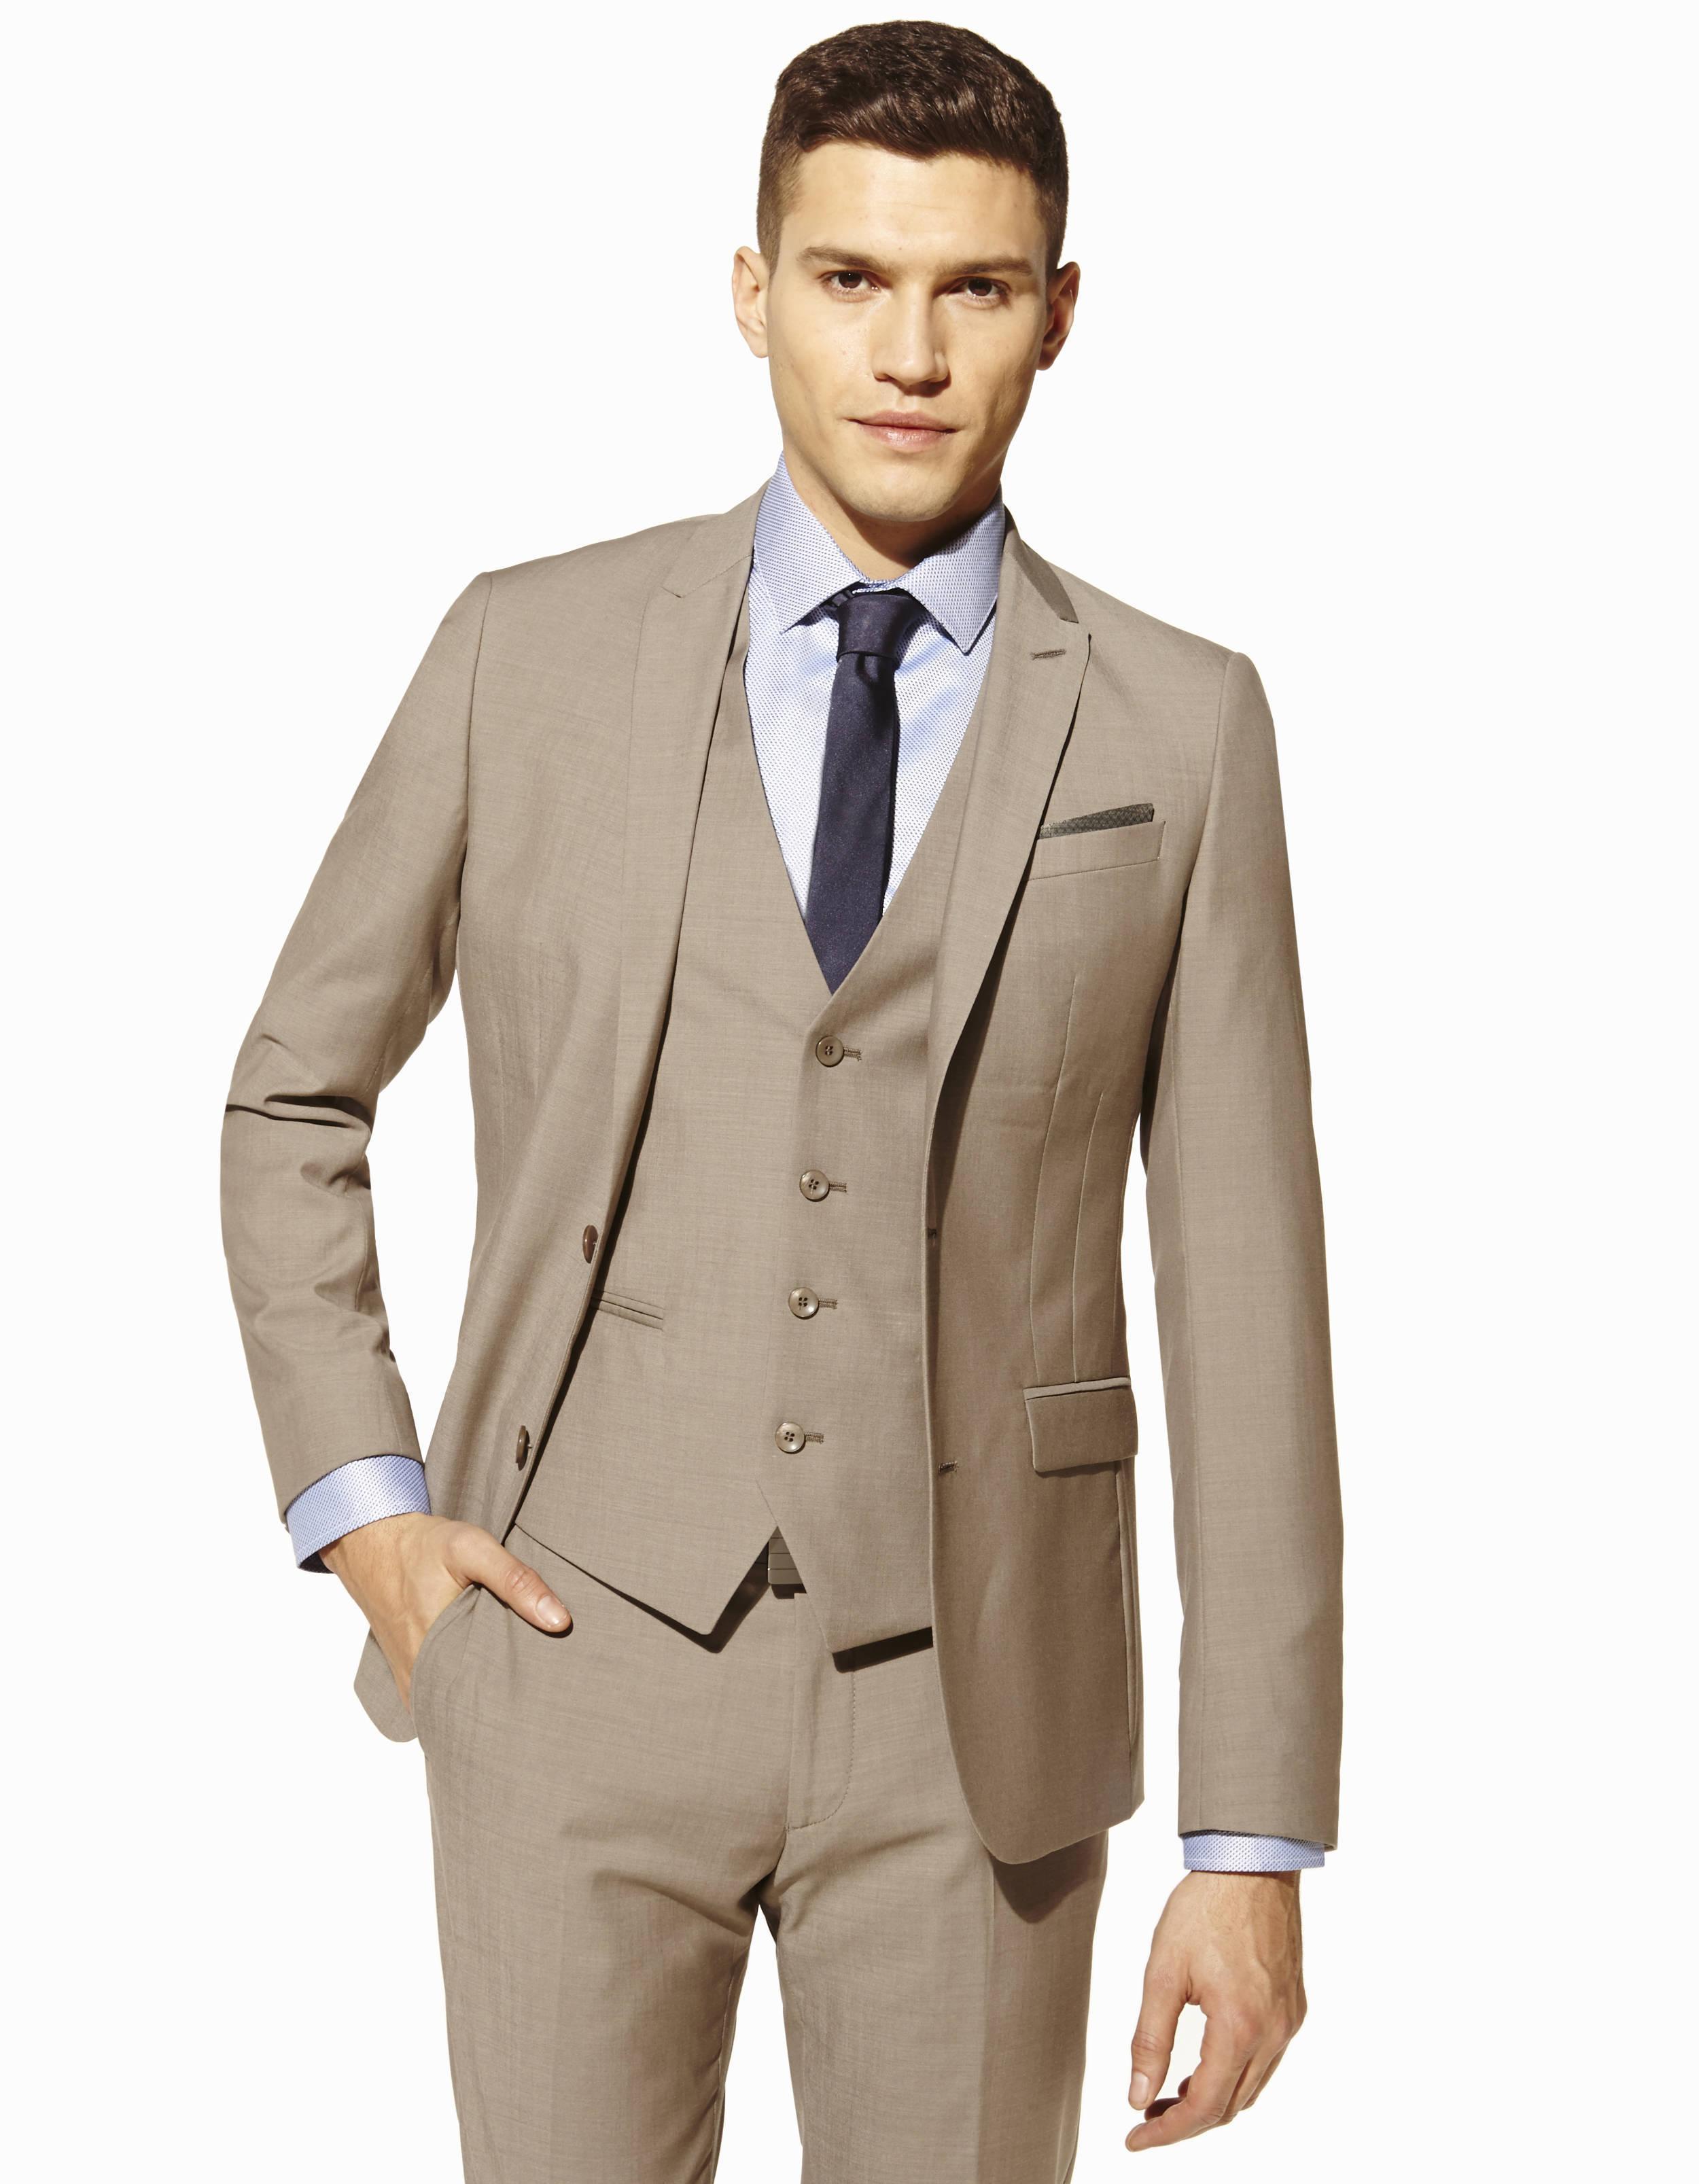 Costume bleu homme celio - Idée de Costume et vêtement 9bf703fd24f